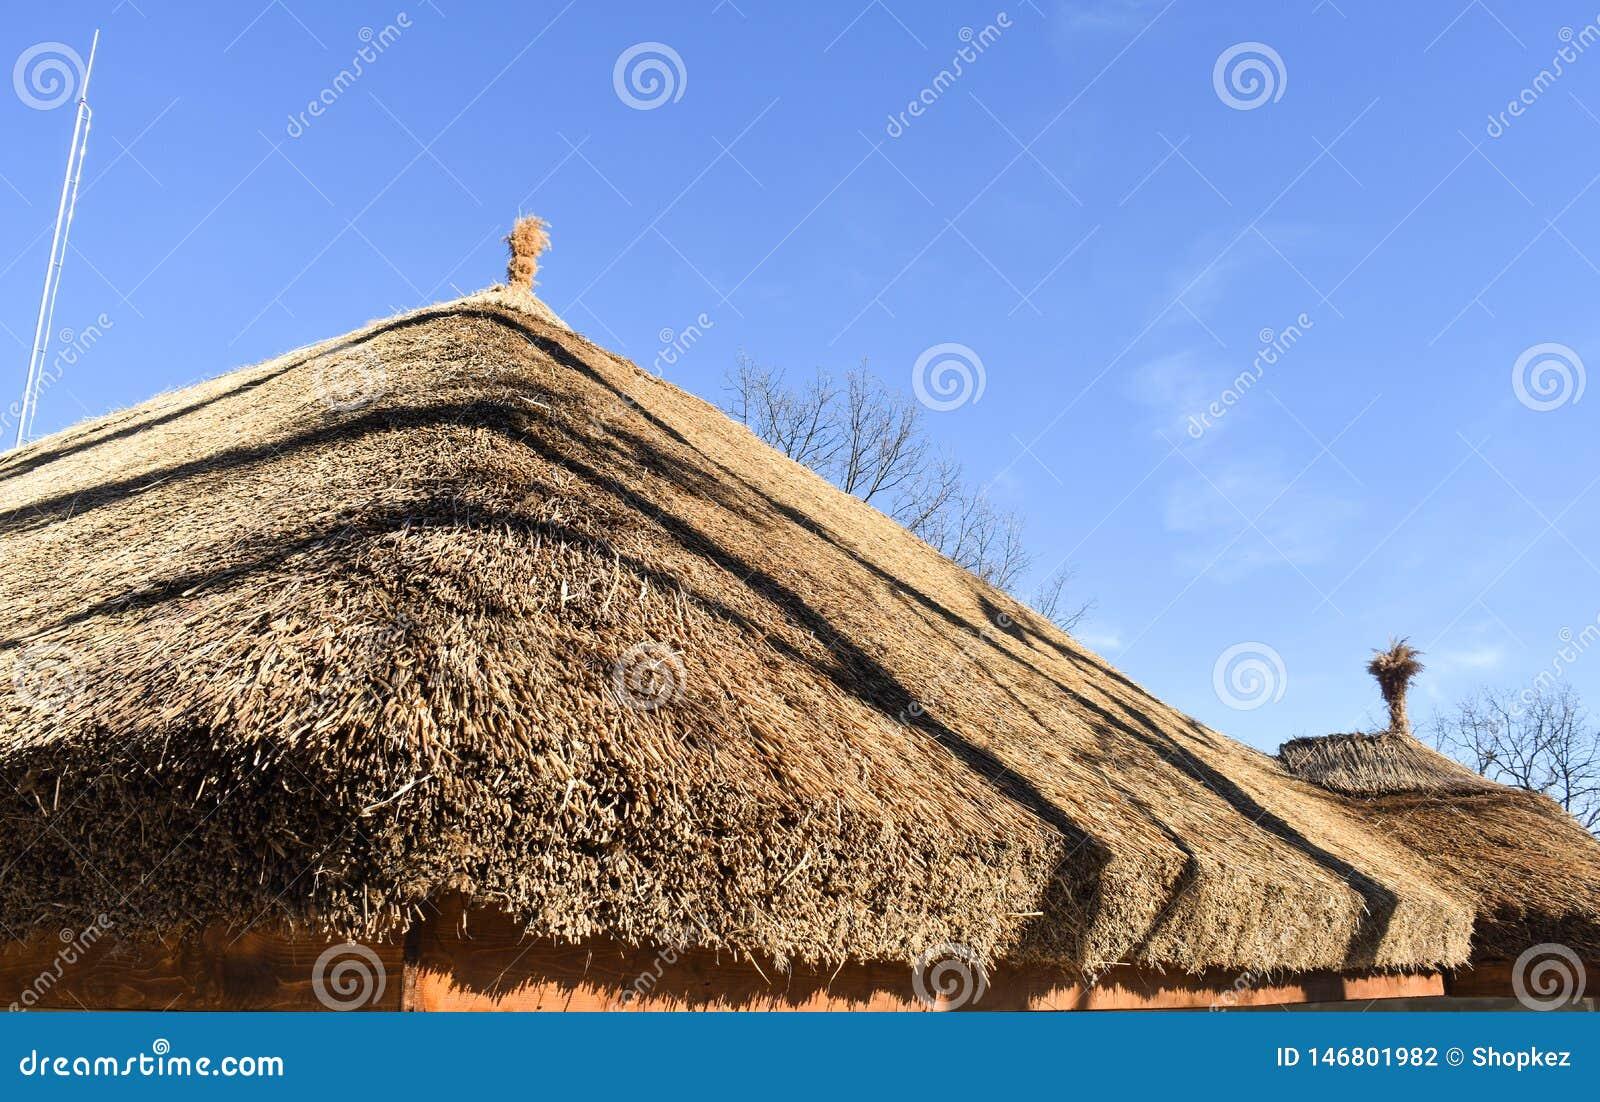 Tetto ricoperto di paglia africano tradizionale contro un cielo blu